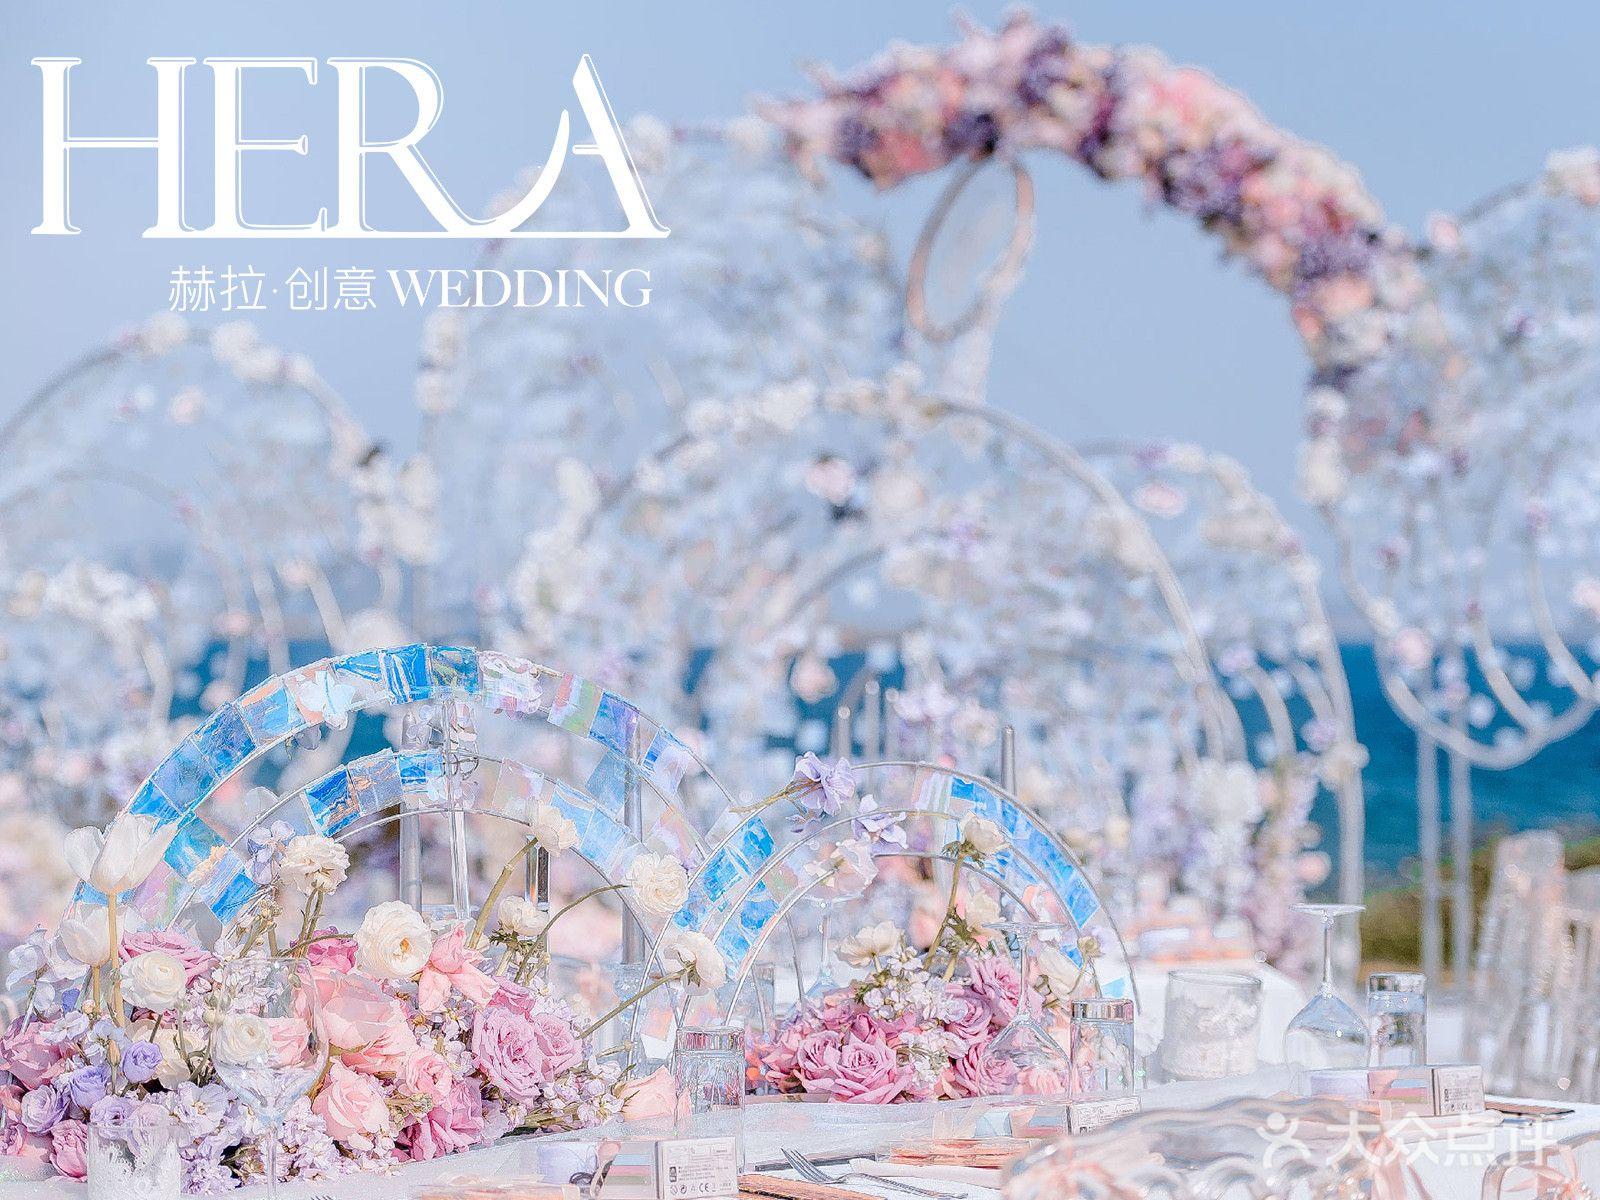 HERA赫拉创意婚礼的图片